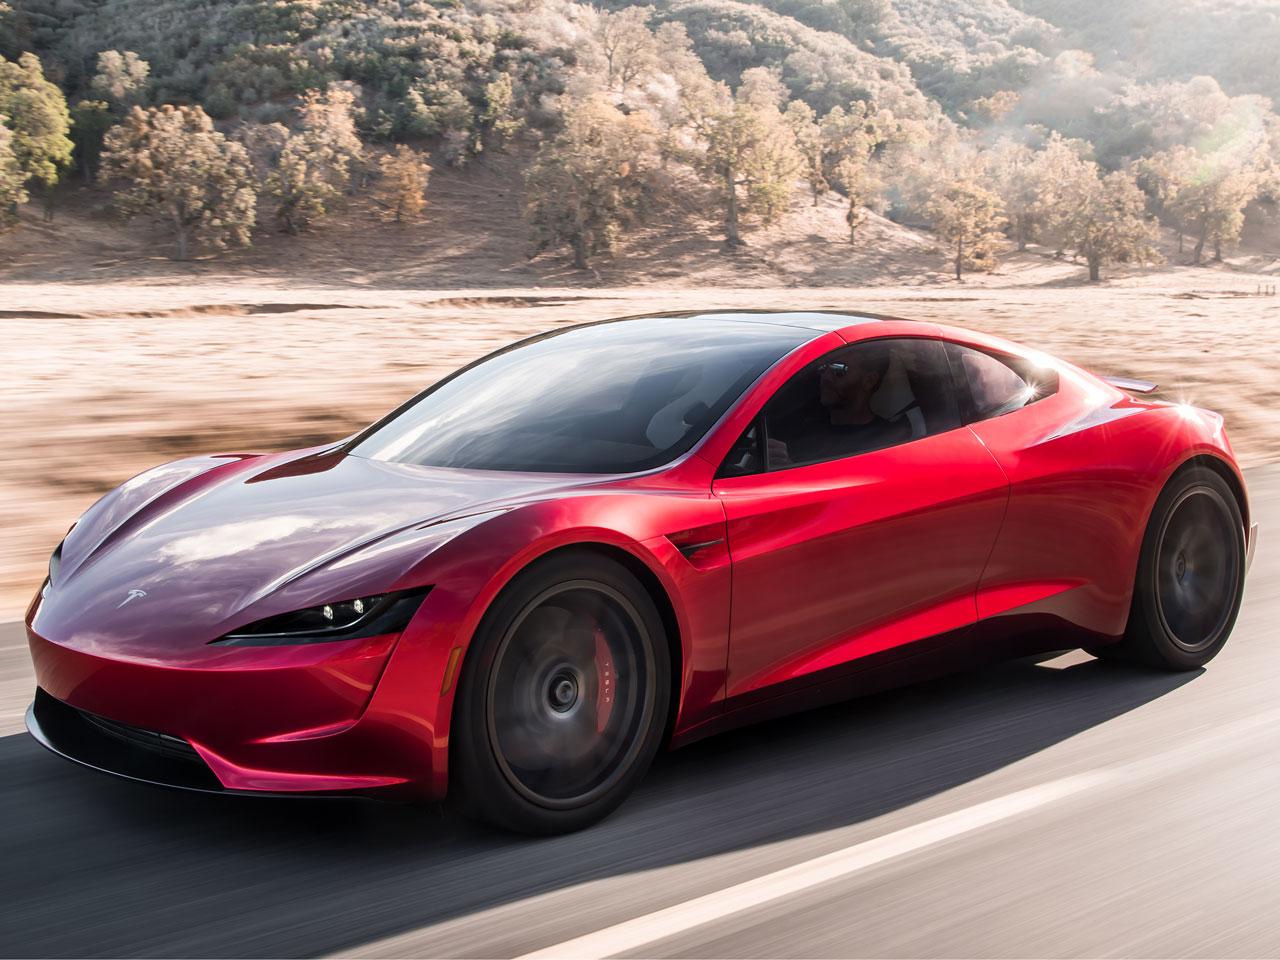 テスラ テスラ ロードスター 2020年モデル 新車画像